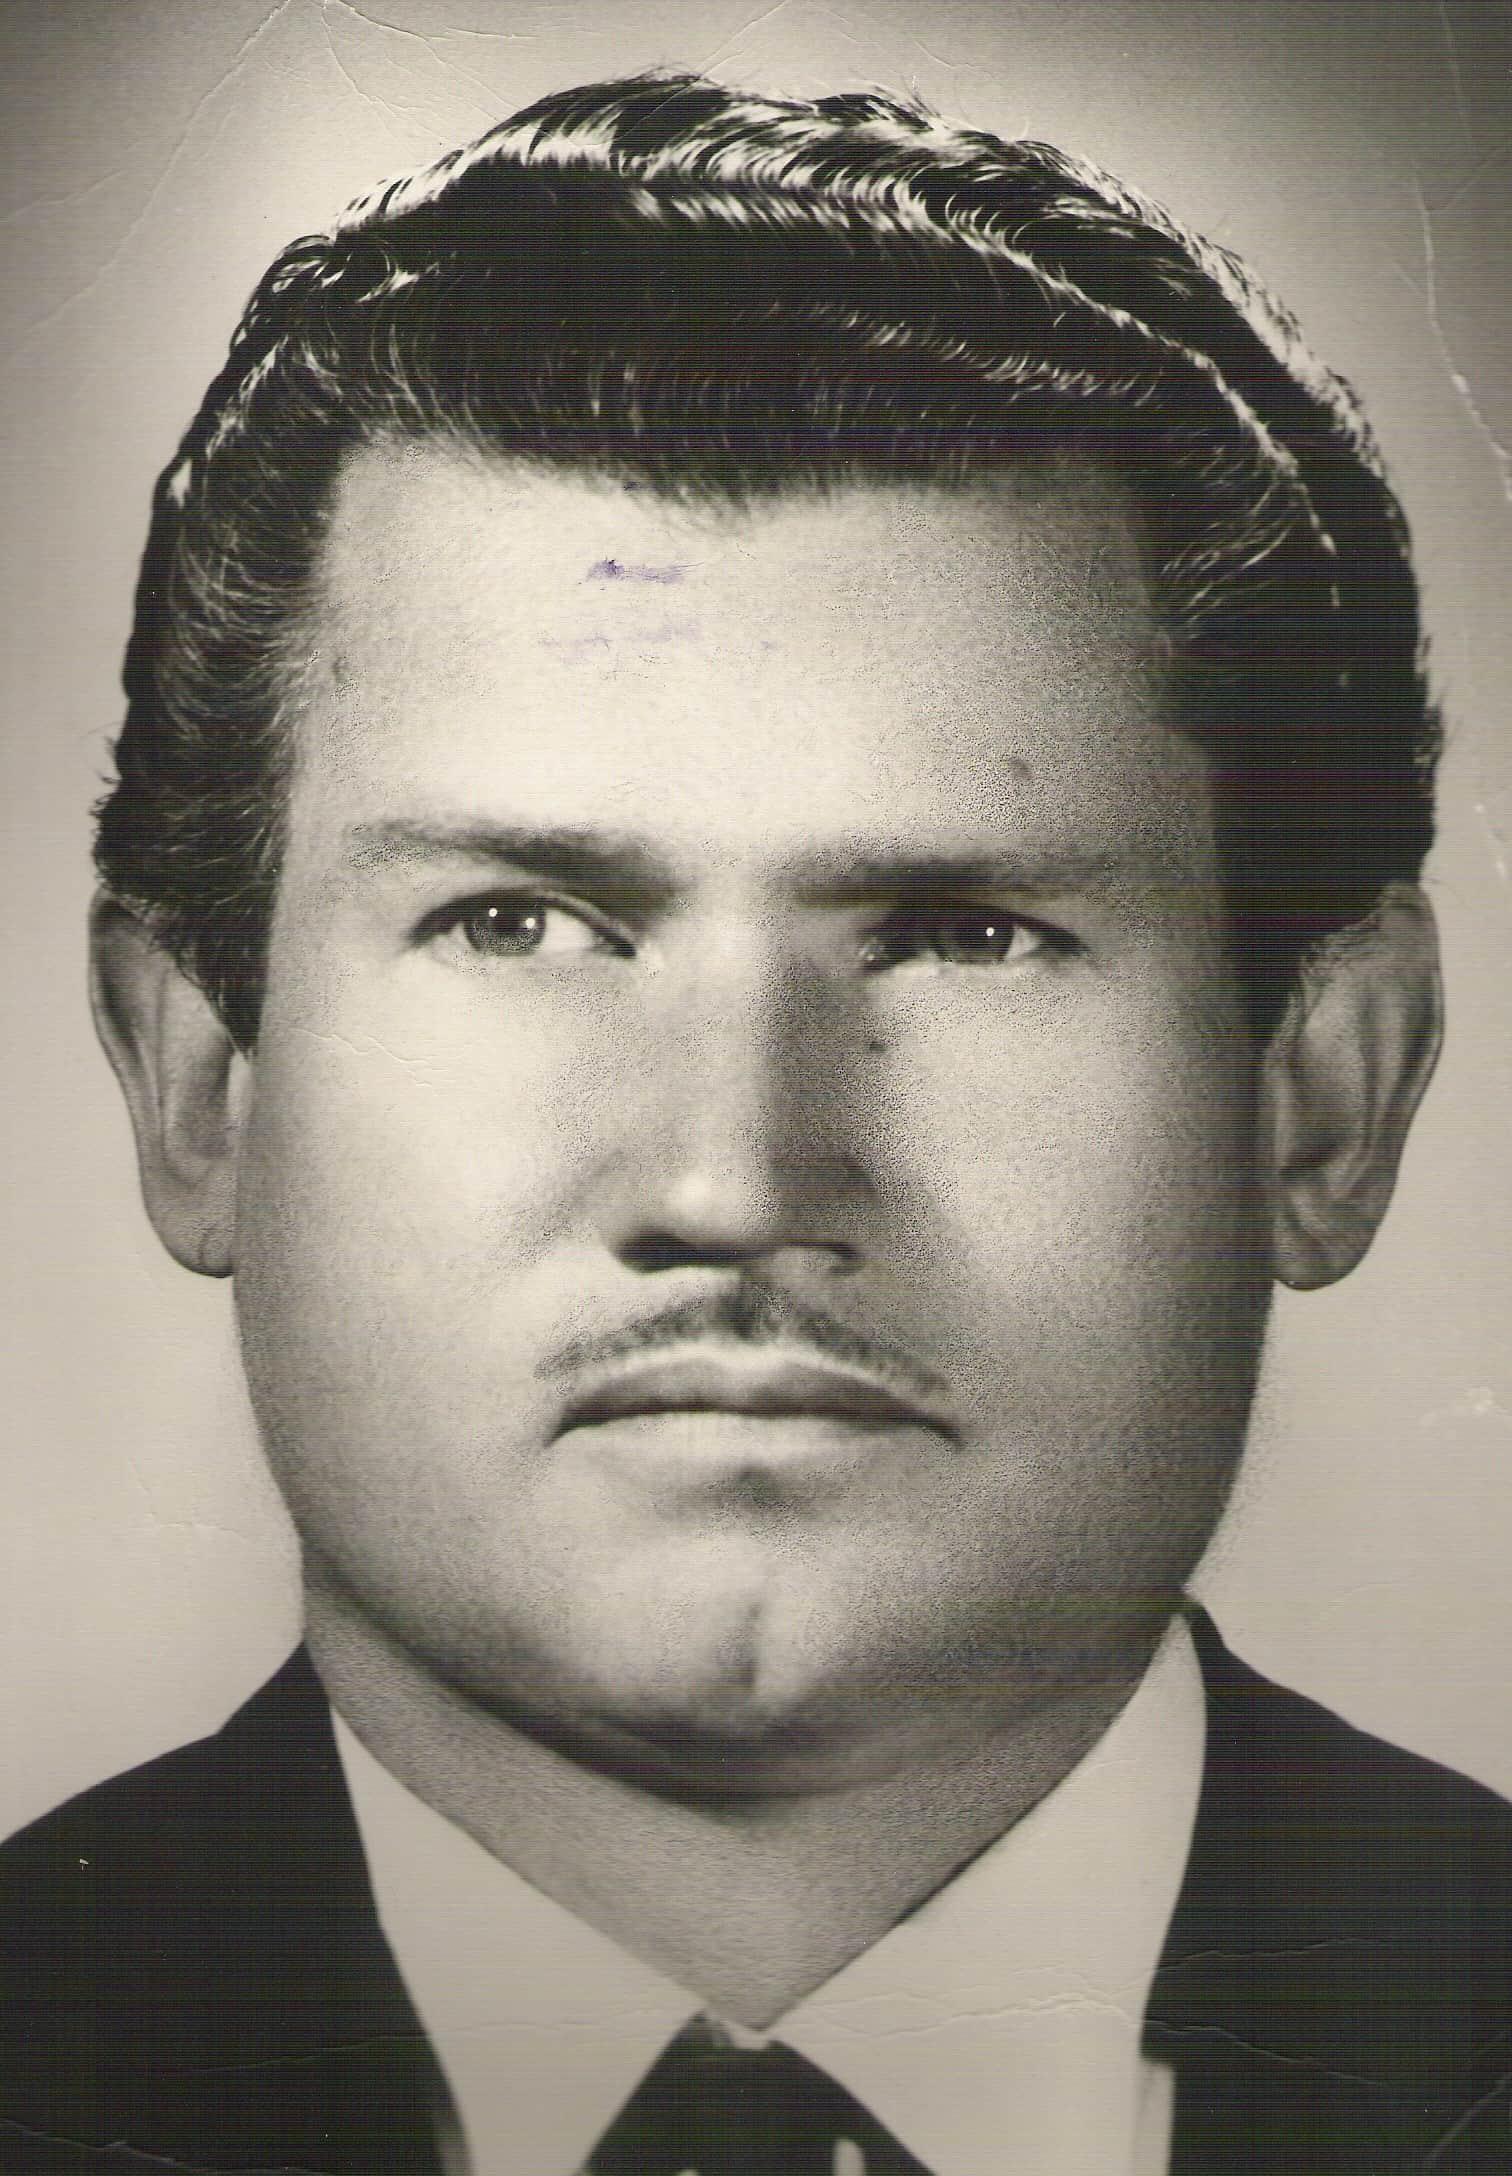 Ver. Augustino Garbin, Primeiro Presidente do Poder Legislativo Municipal - 1964/65 e 1968/69